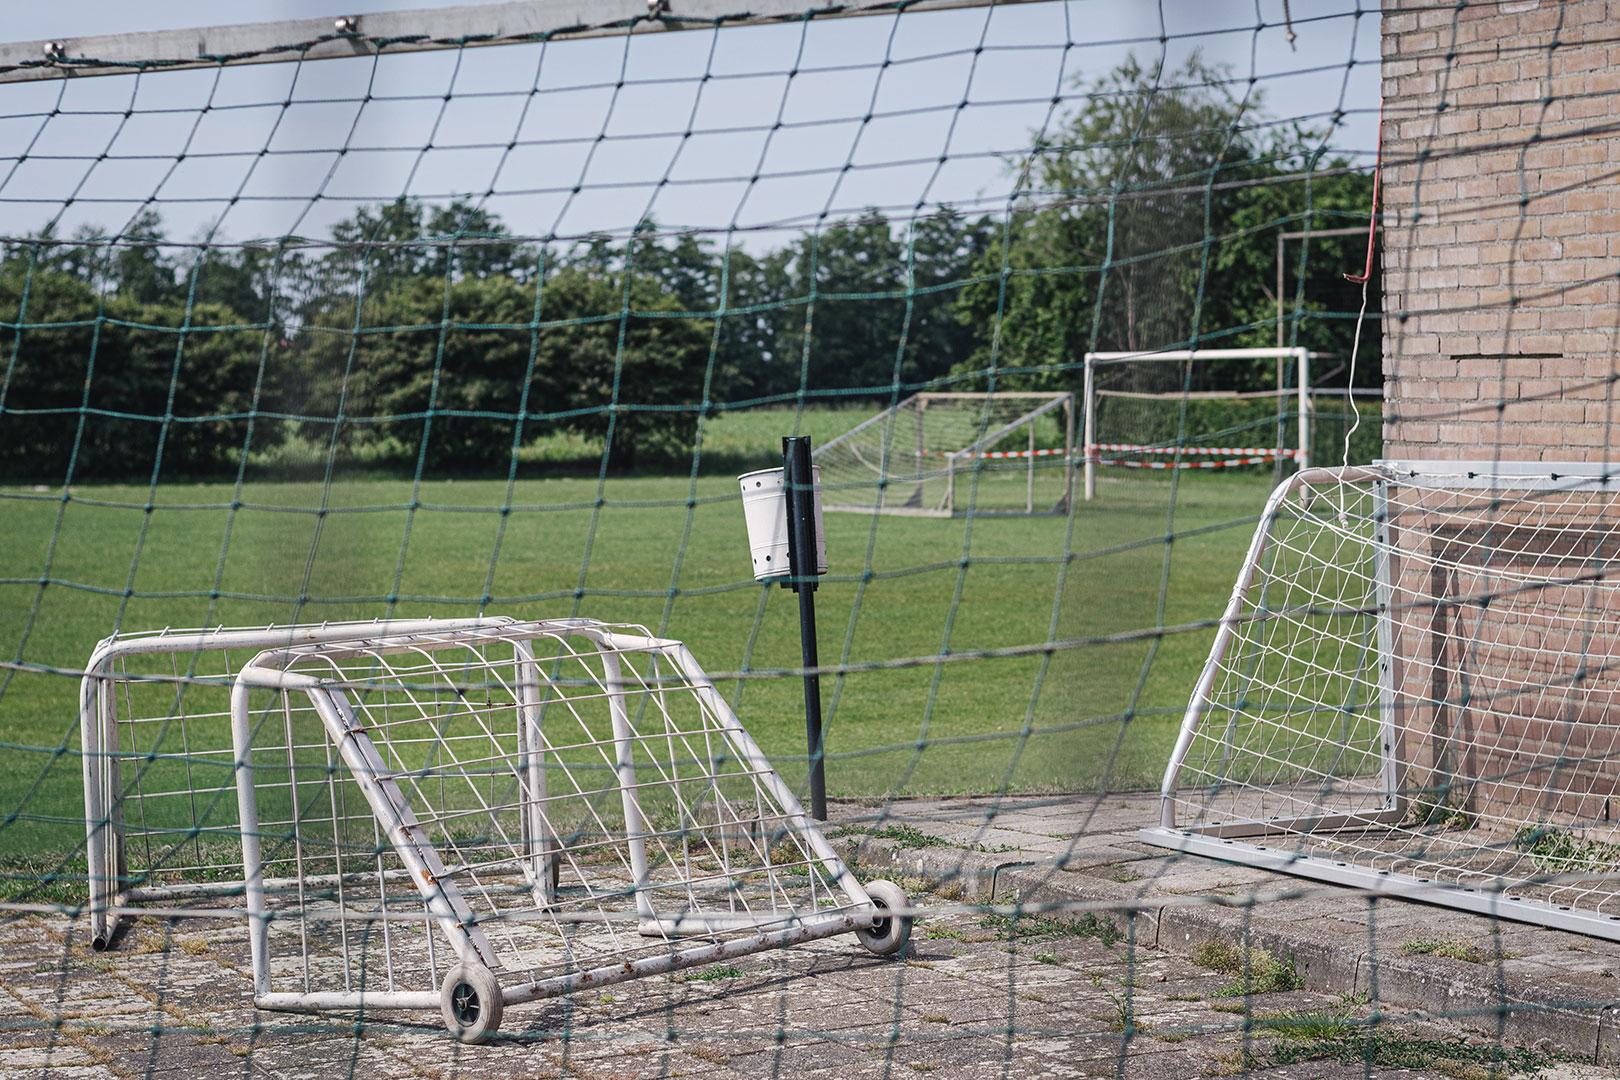 Tore auf dem Fußballplatz in Nieuw-Schoonebeek